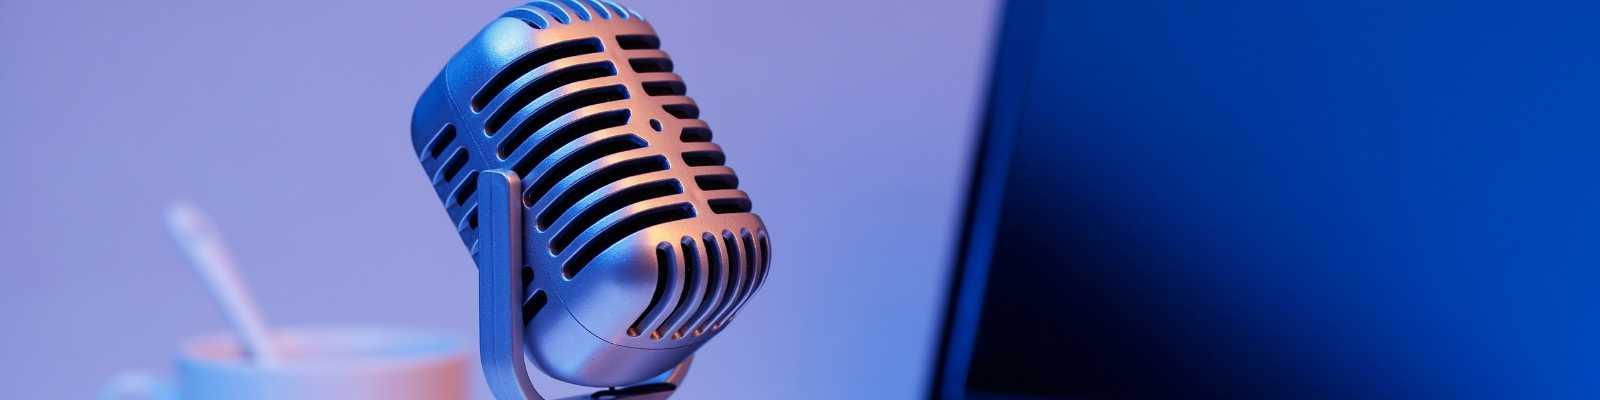 consejos para hacer un podcast